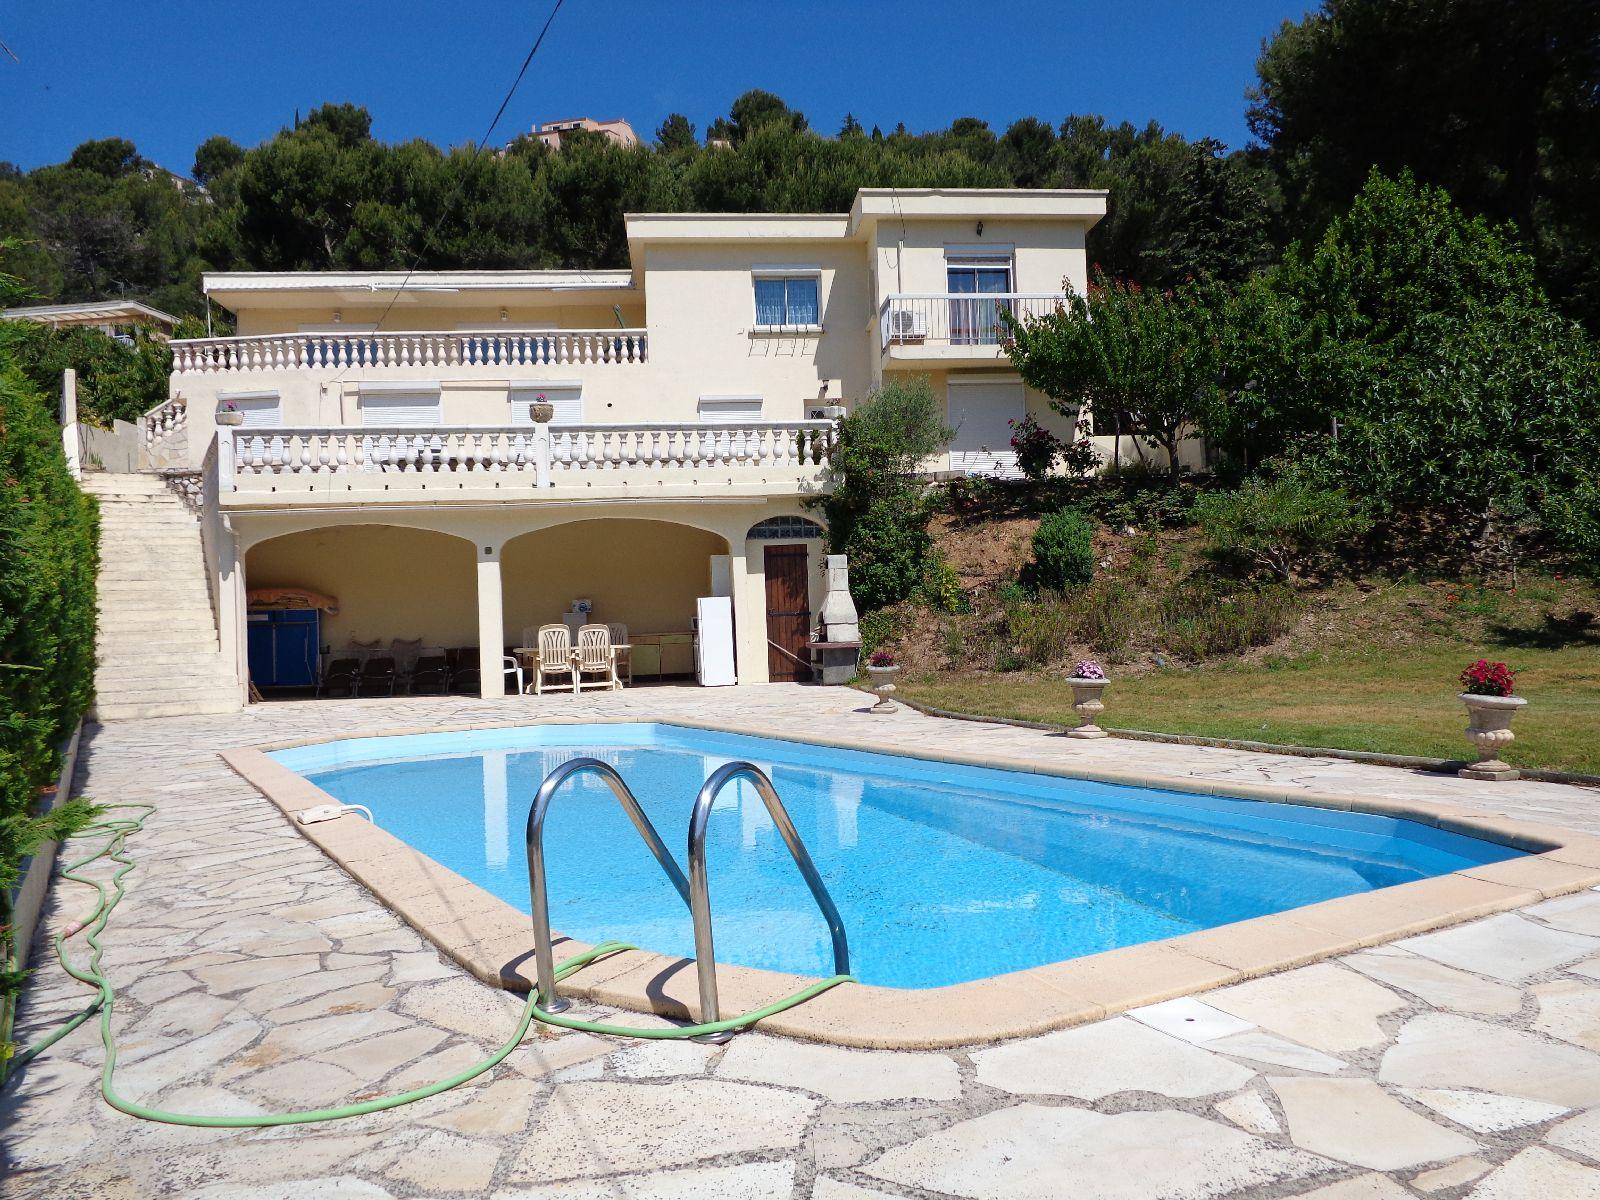 Maisons Villas A Vendre Maison Sur Deux Niveaux T6/7 F6/7 ... à Maison Avec Piscine A Vendre